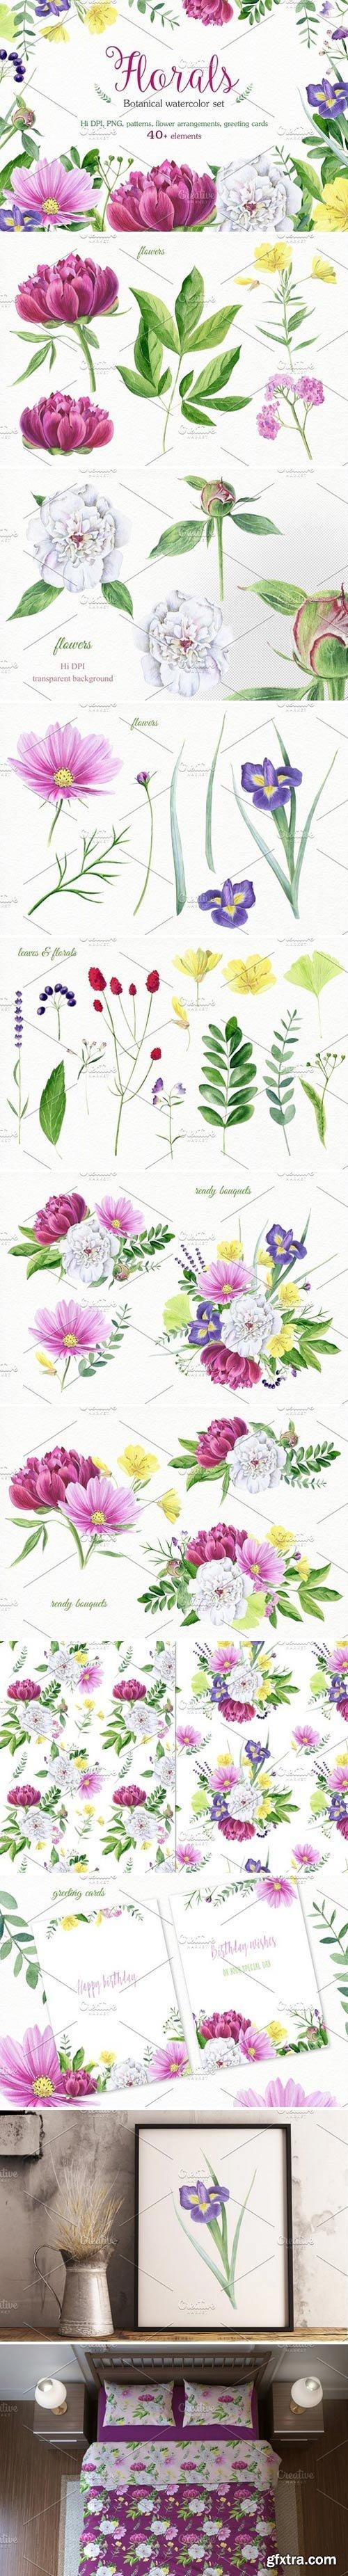 CM - Florals watercolor set 1597550